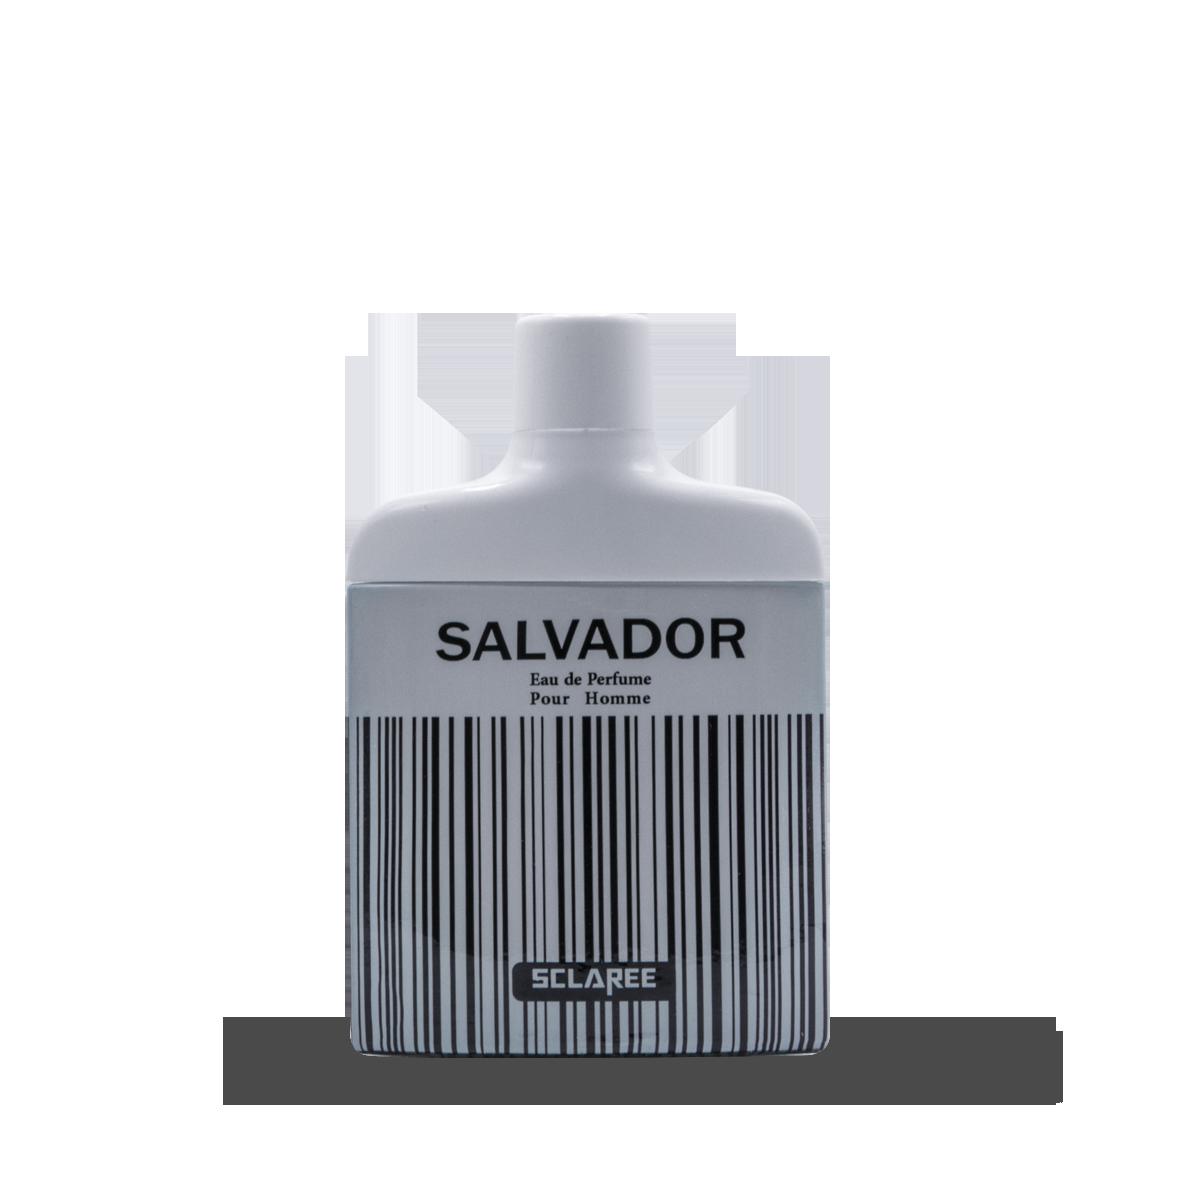 ادکلن ۱۰۰میل سالوادور اسکلاره با رایحه اسپلندور